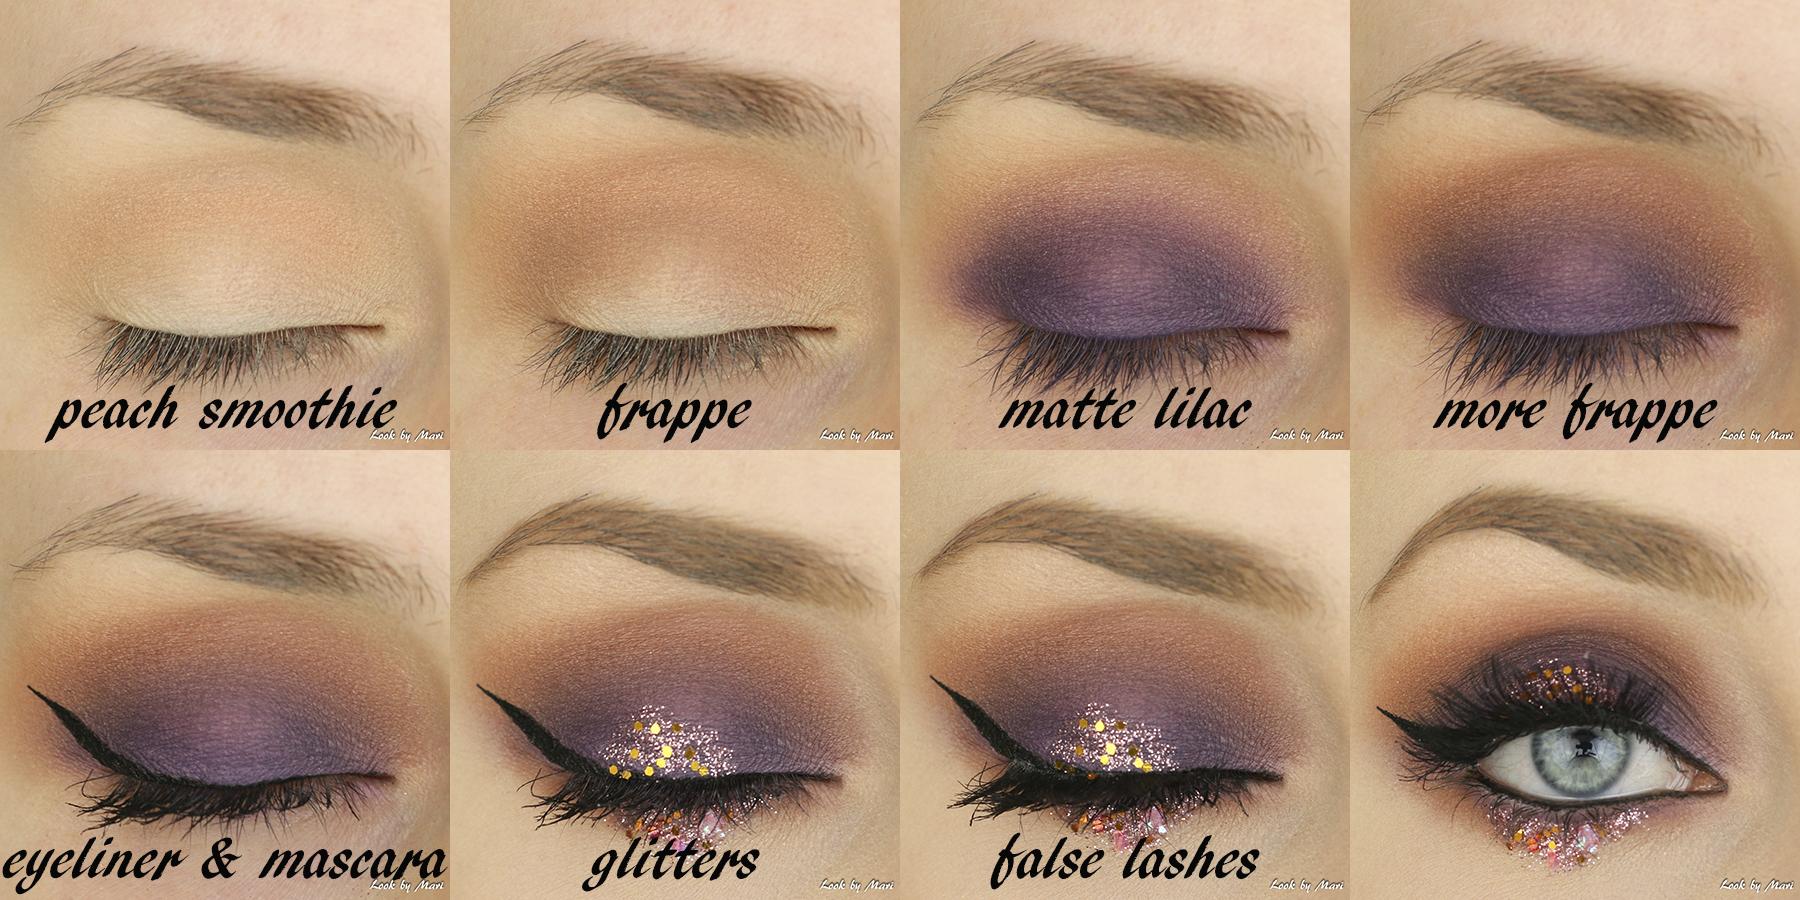 5 lilac violet glitter eye makeup tutorial inspiration ideas inspo inspiraatiota silmämeikki glitteri